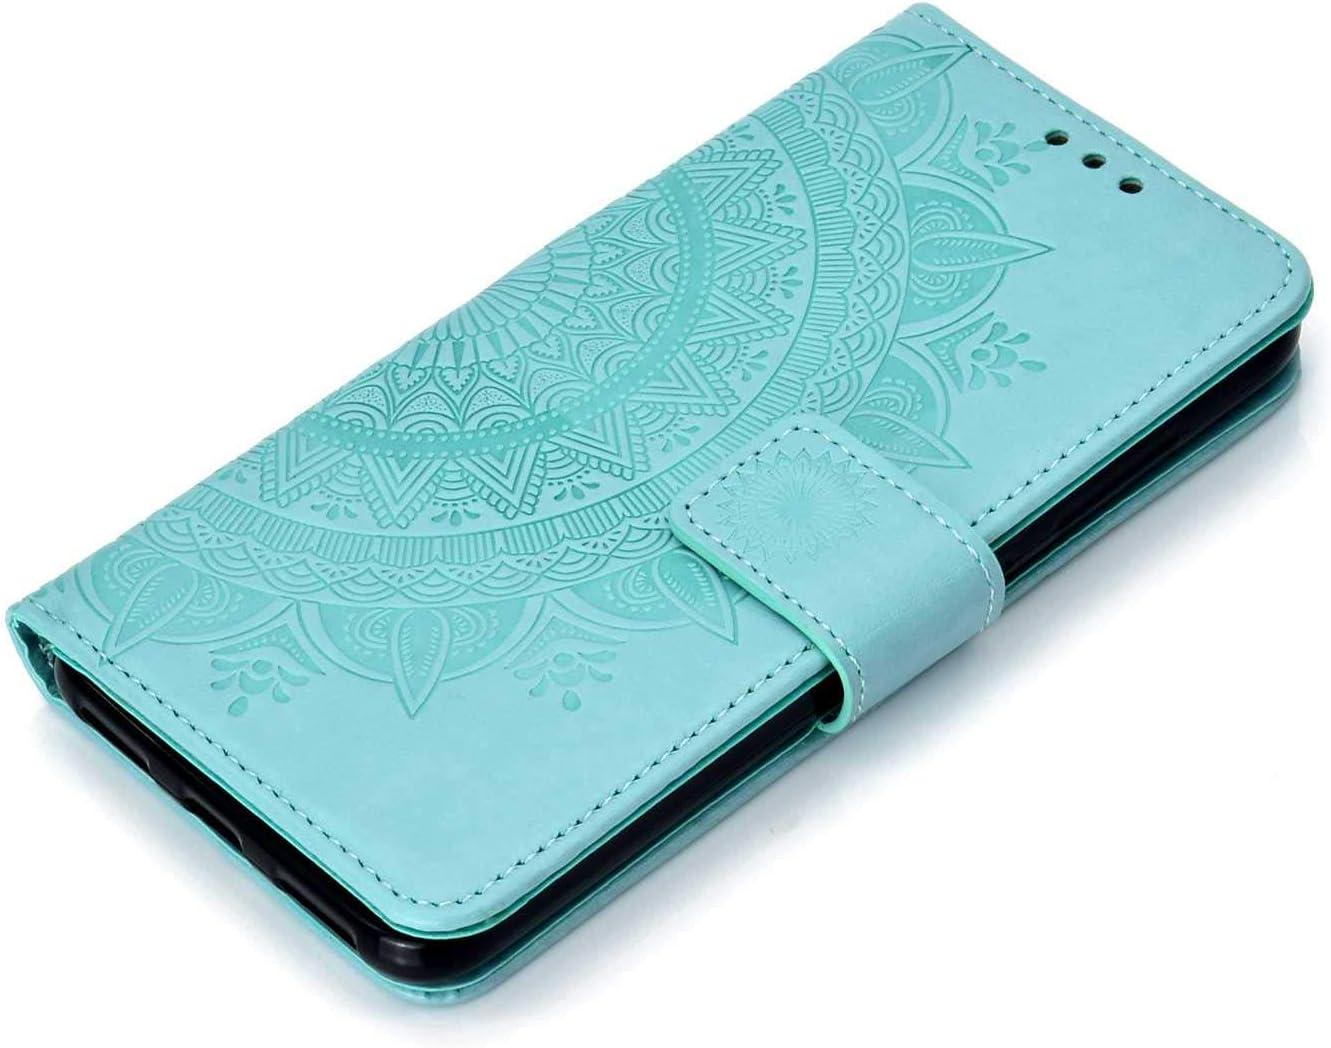 Coque Xiaomi PocoPhone F1 The Grafu/® /Étui en Cuir PU Int/érieur en TPU Antichoc Magnetic Housse avec Fonction de Support pour Xiaomi PocoPhone F1 Bleu